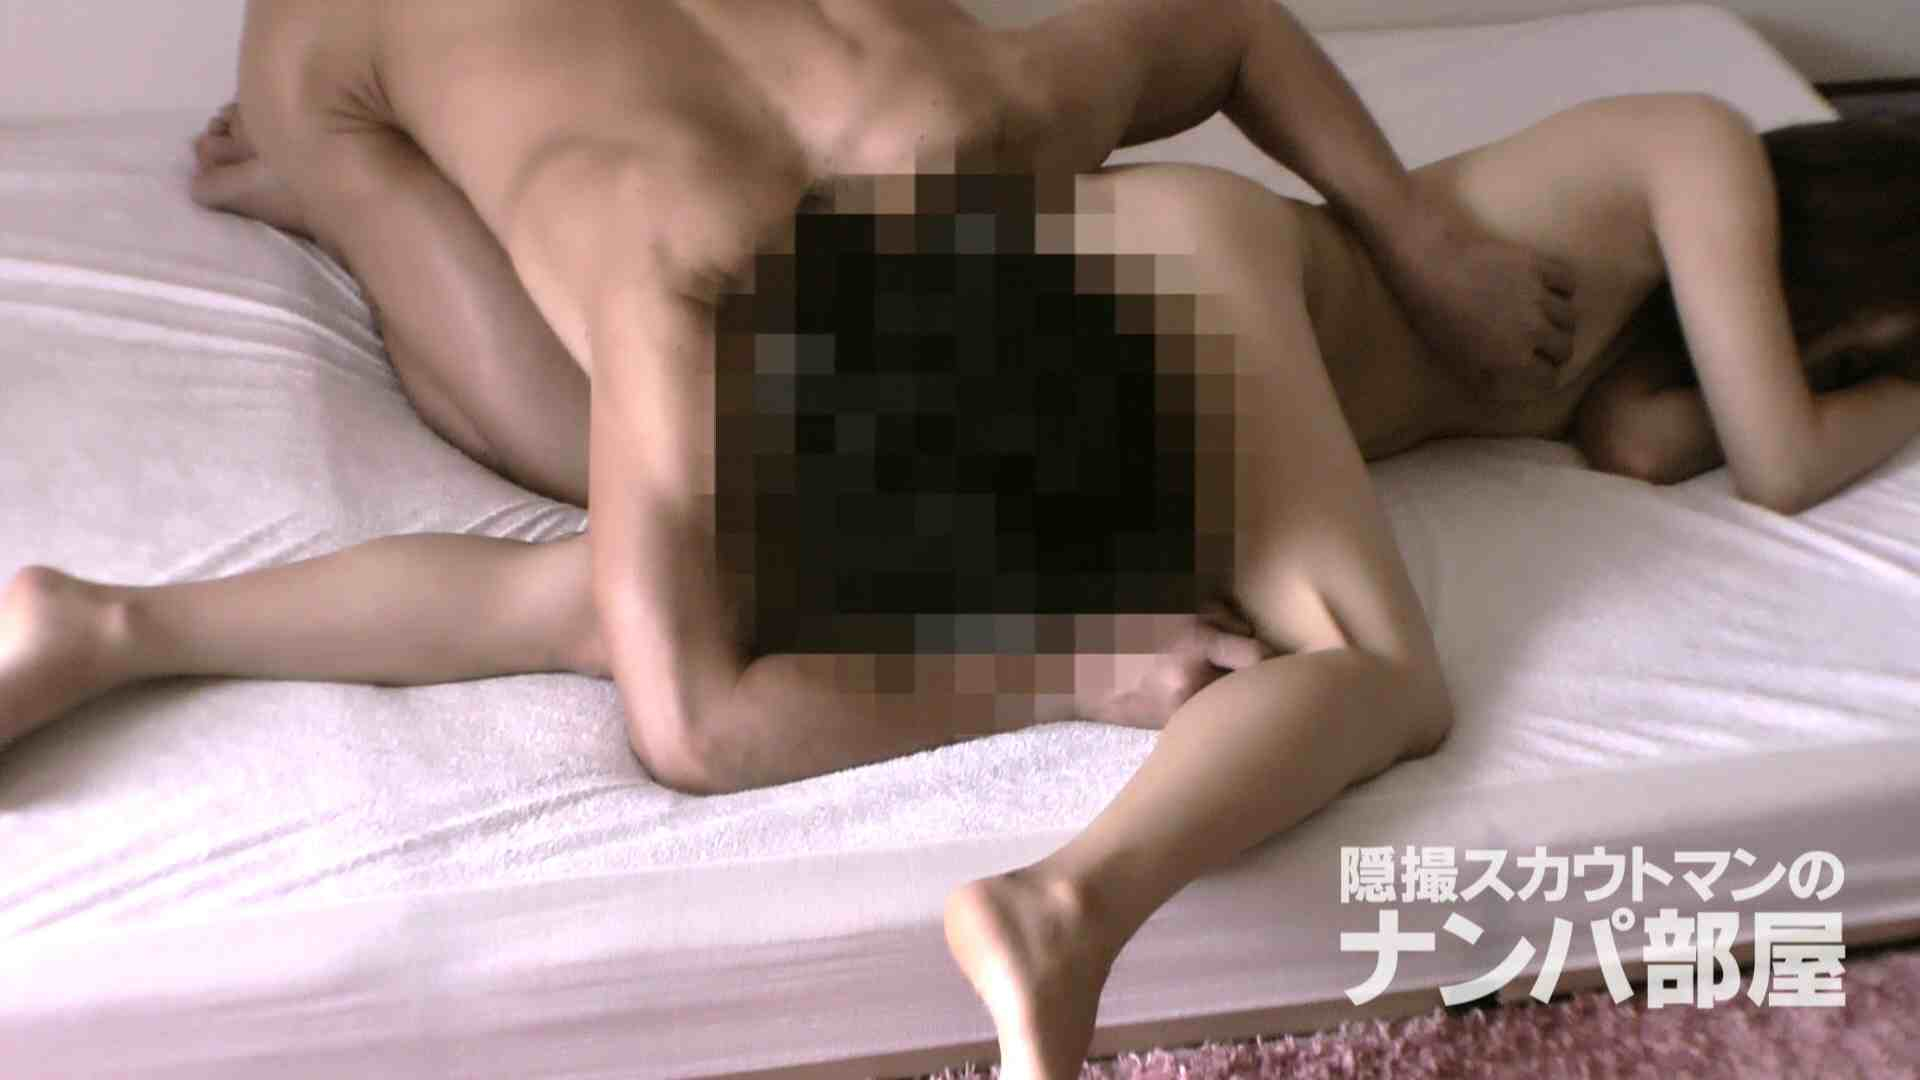 隠撮スカウトマンのナンパ部屋~風俗デビュー前のつまみ食い~ siivol.4 隠撮  91pic 65